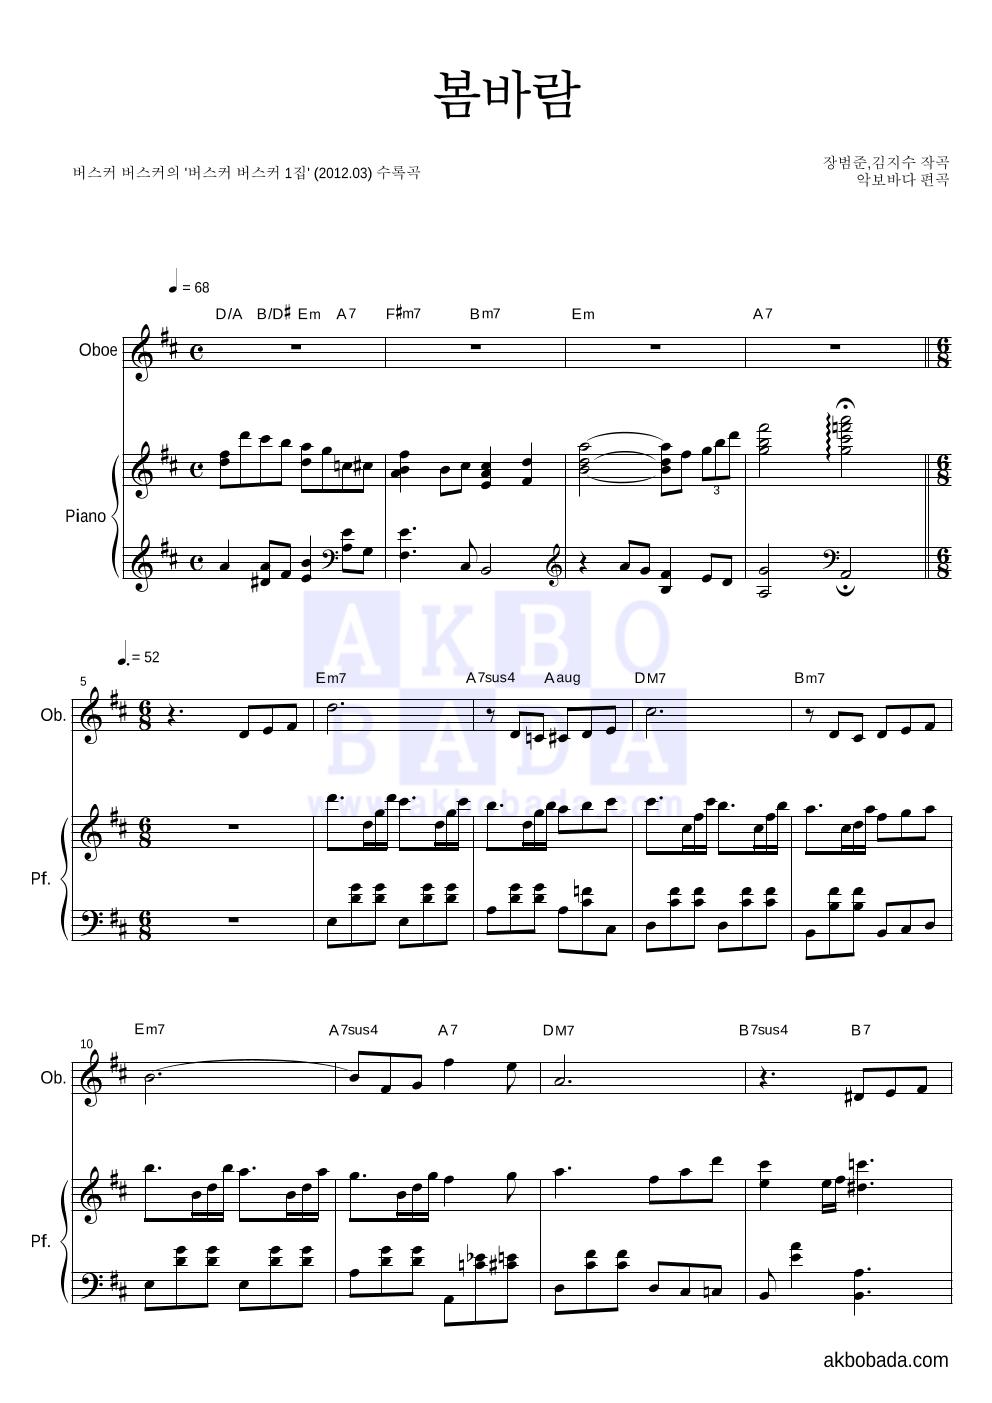 버스커 버스커 - 봄바람 오보에&피아노 악보